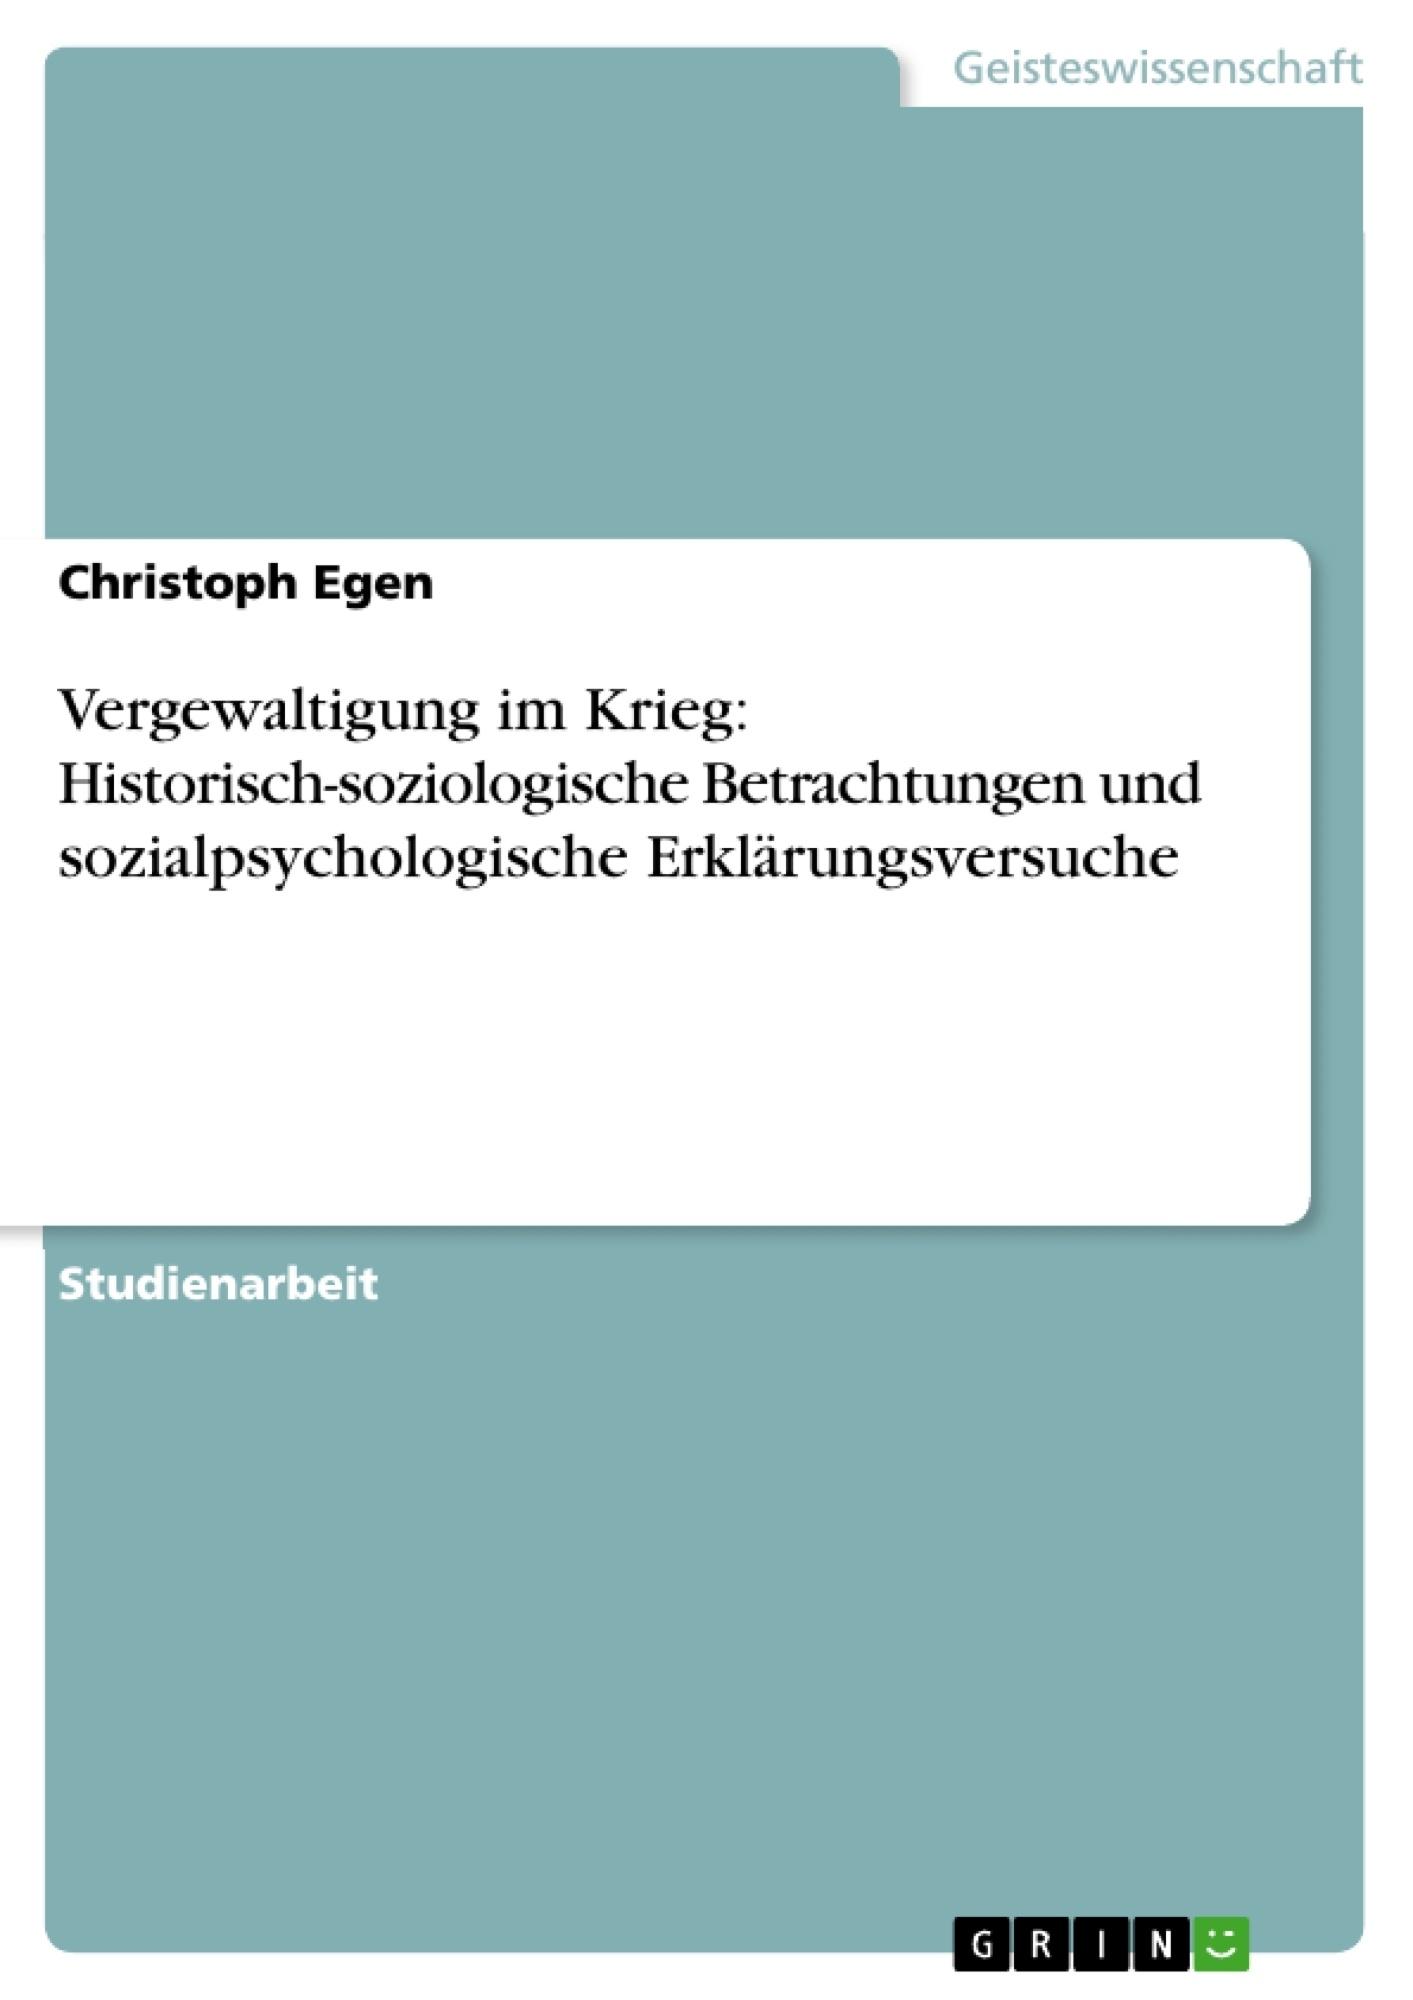 Titel: Vergewaltigung im Krieg: Historisch-soziologische Betrachtungen und sozialpsychologische Erklärungsversuche